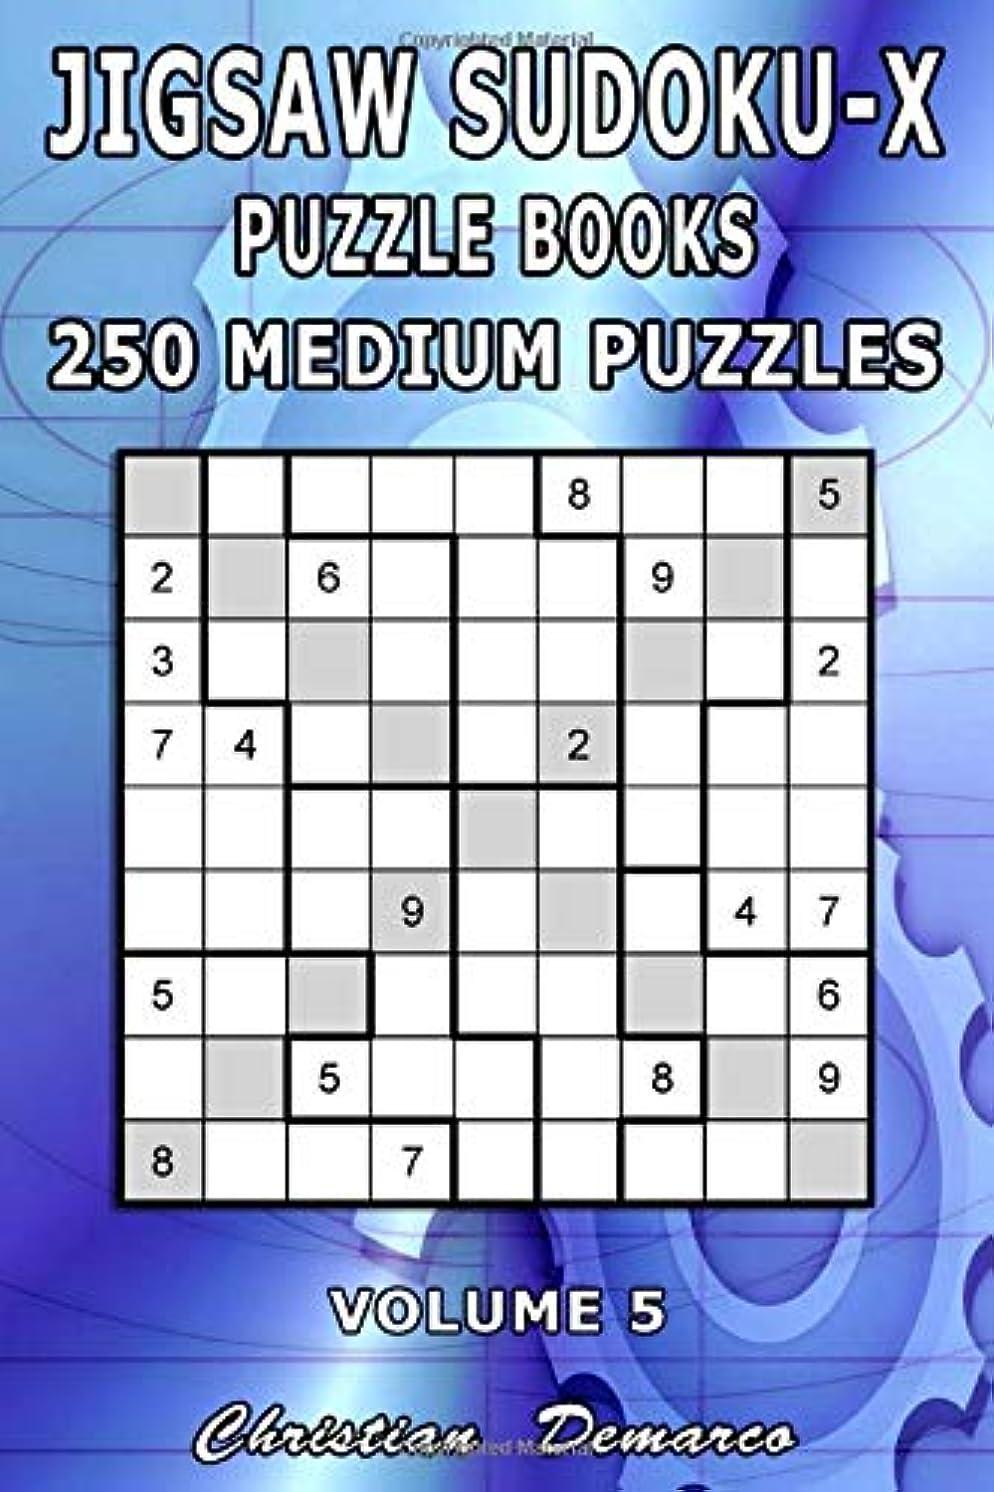 コックシティ区Jigsaw Sudoku-X Puzzle Books - 250 Medium Puzzles Volume 5: Handy 6 x 9 inch Book Layout - Ideal for Beginners (Jigsaw Sudoku x Puzzle Books - 250 Medium Puzzles)